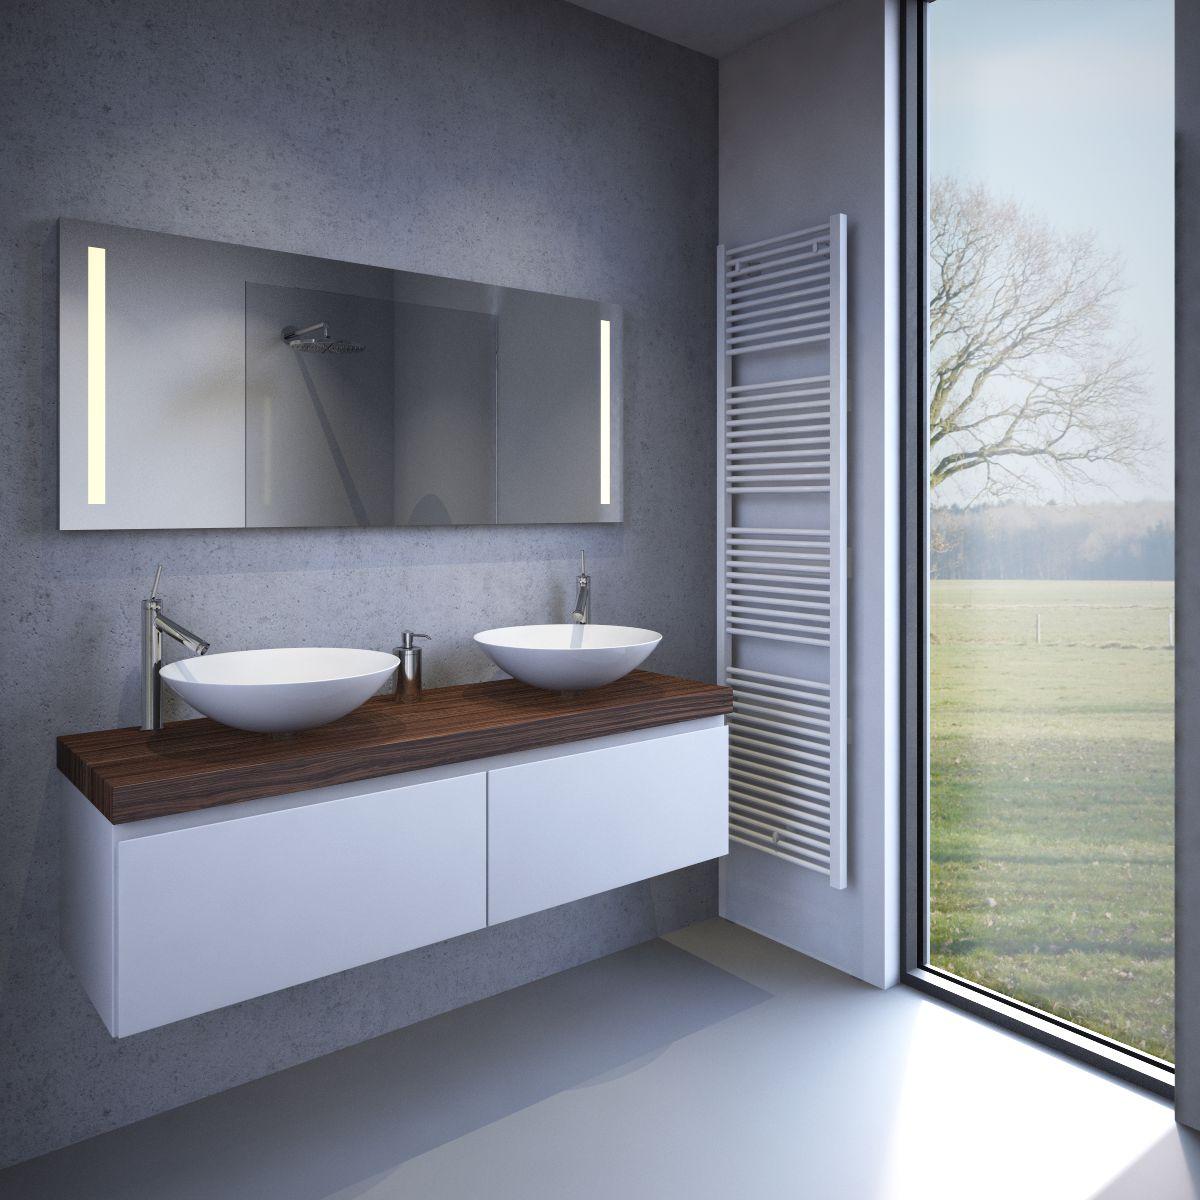 badkamer led spiegel met verwarming en sensor 140x60 cm designspiegels. Black Bedroom Furniture Sets. Home Design Ideas